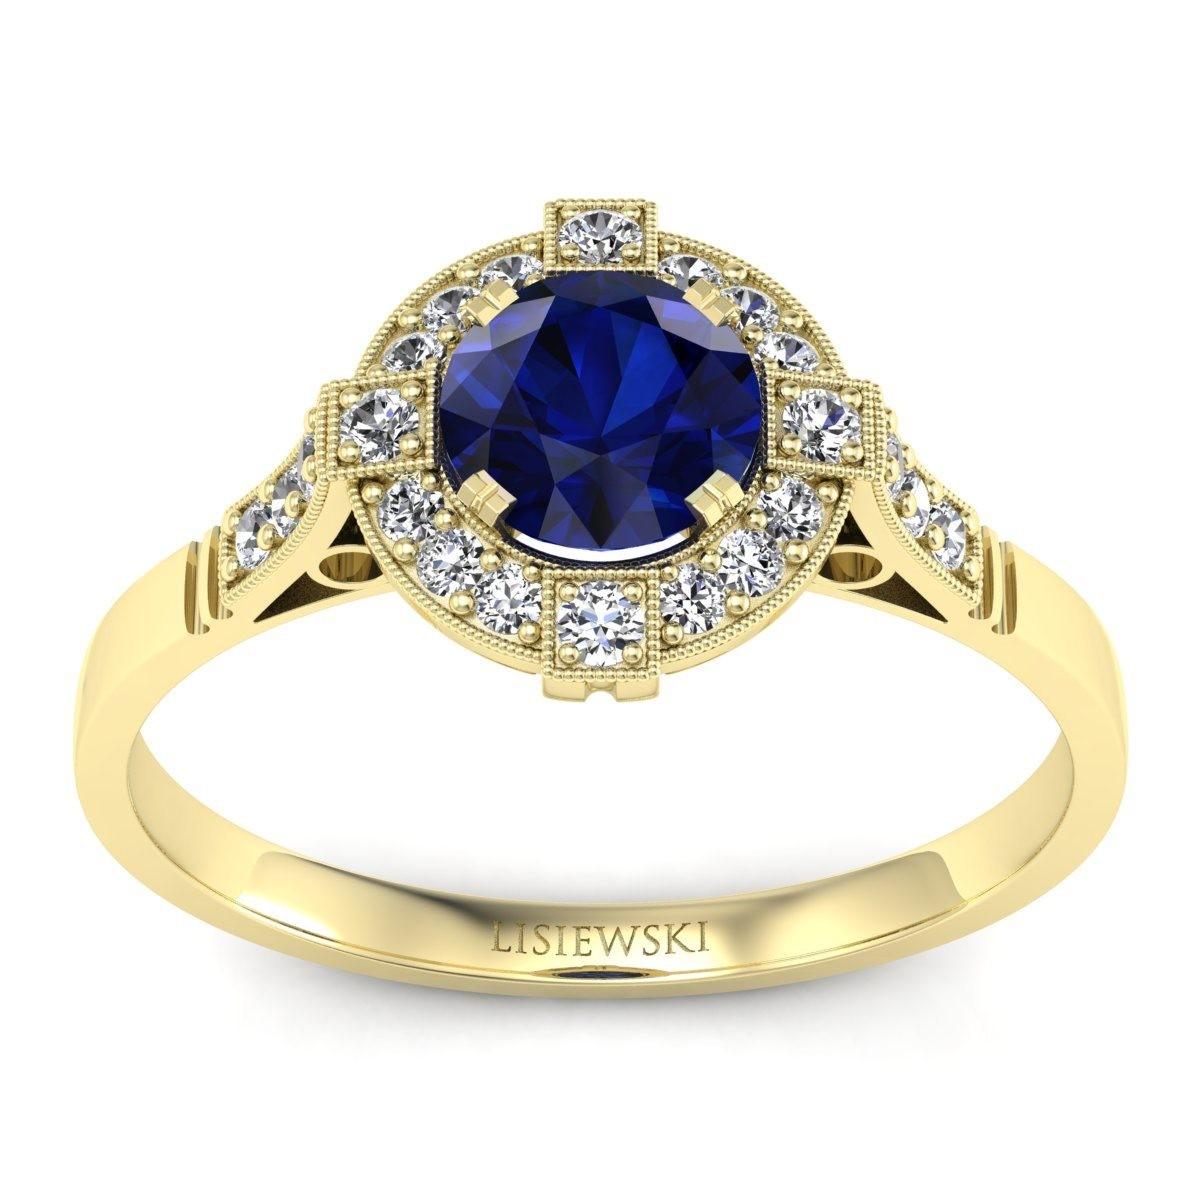 Audrey - Złoty pierścionek z szafirem i diamentami